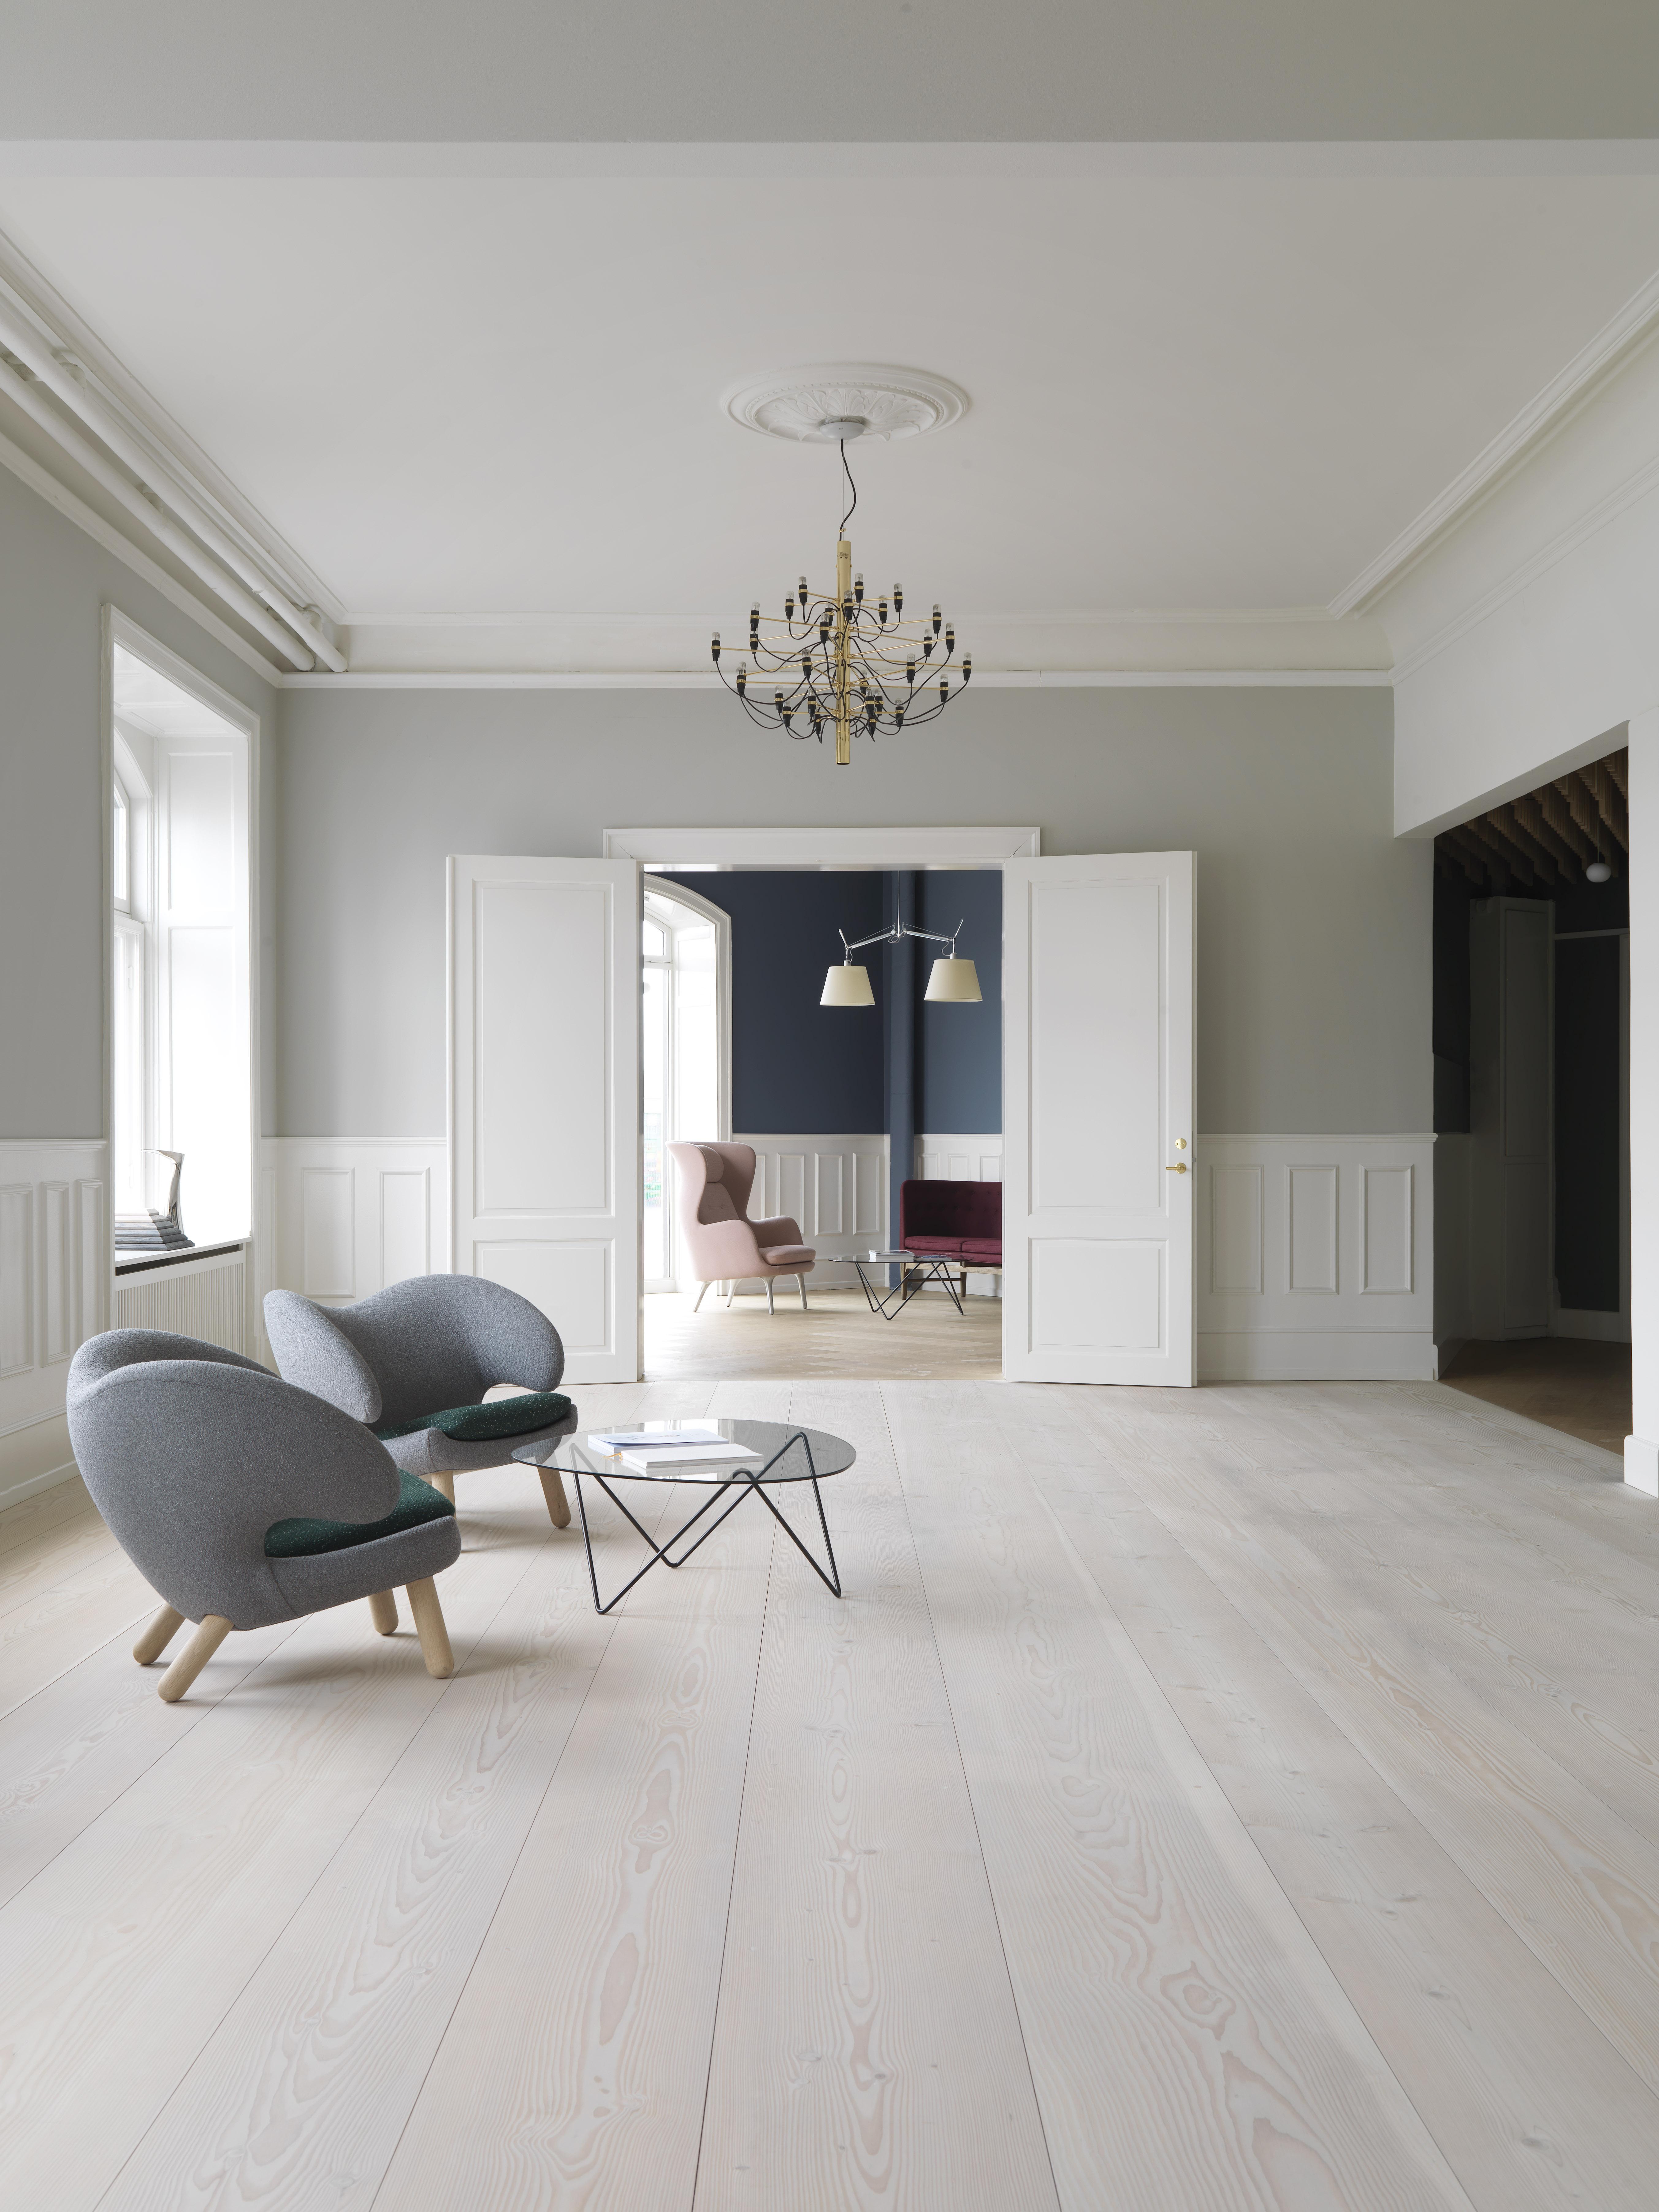 Das Dänische Traditionshaus Produziert Holzböden Vom Feinsten. Also, Wir  Fangen Jetzt Wieder An Zu Sparenu2026